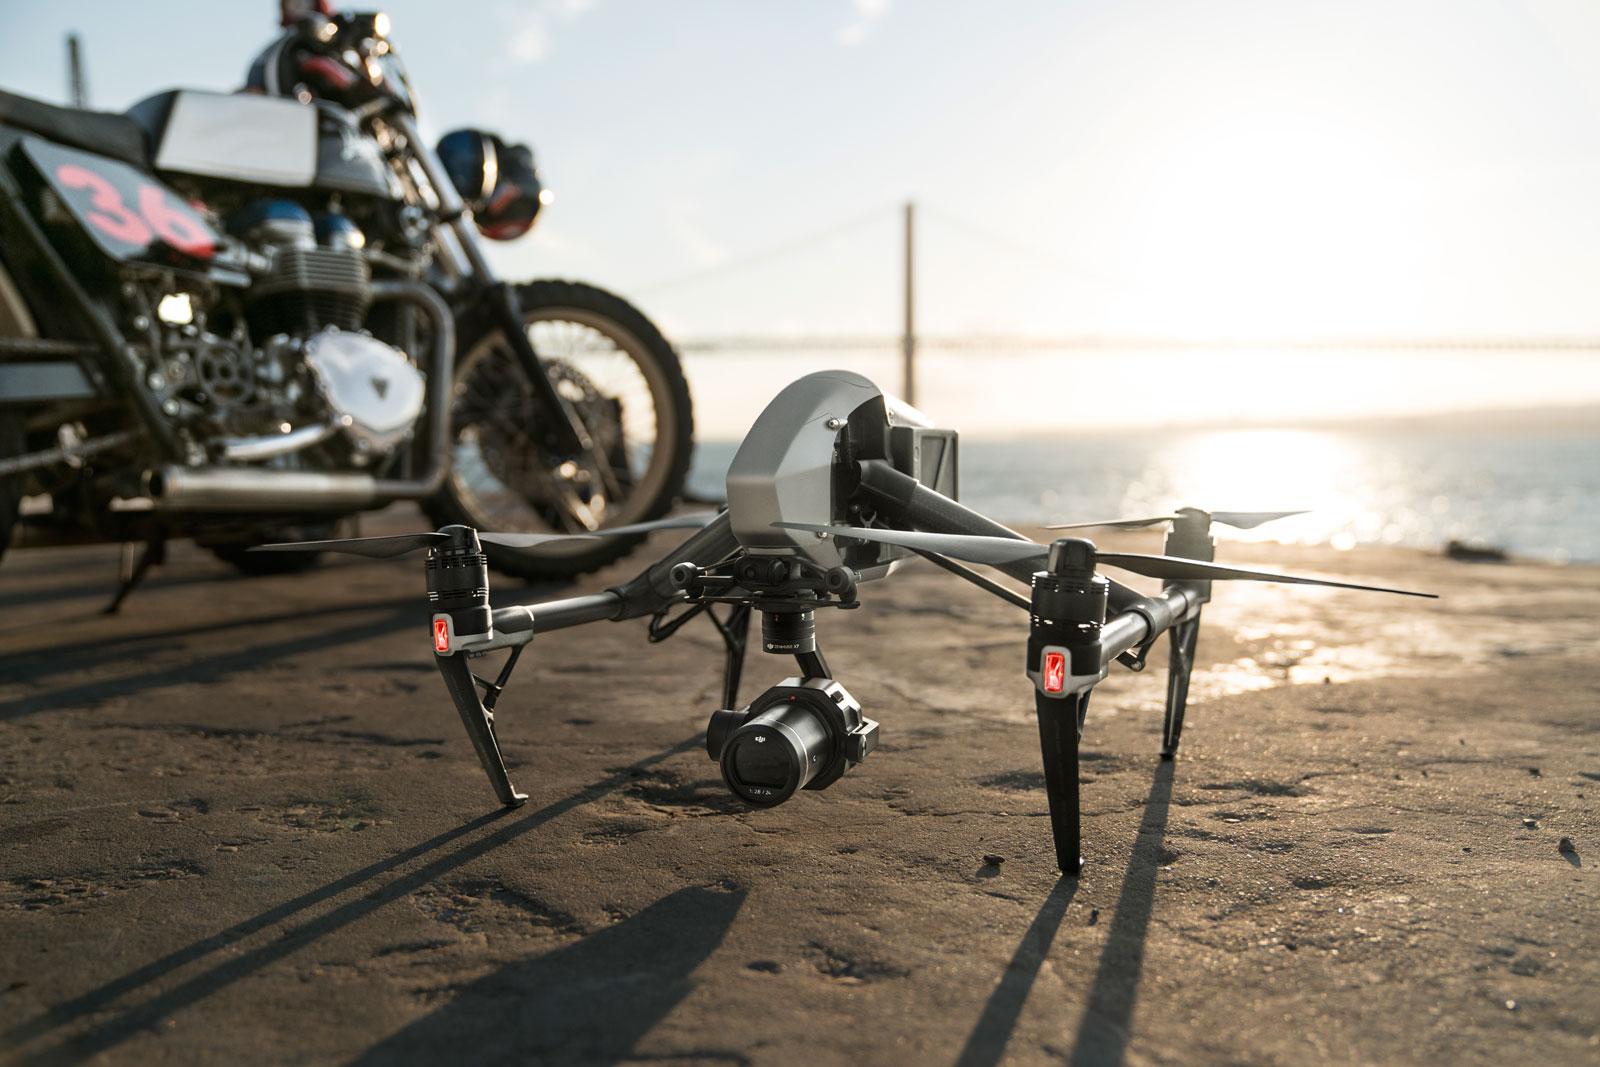 Drone Üreticisi DJI'dan 6k Çözünürlüklü Kamera Tanıtımı